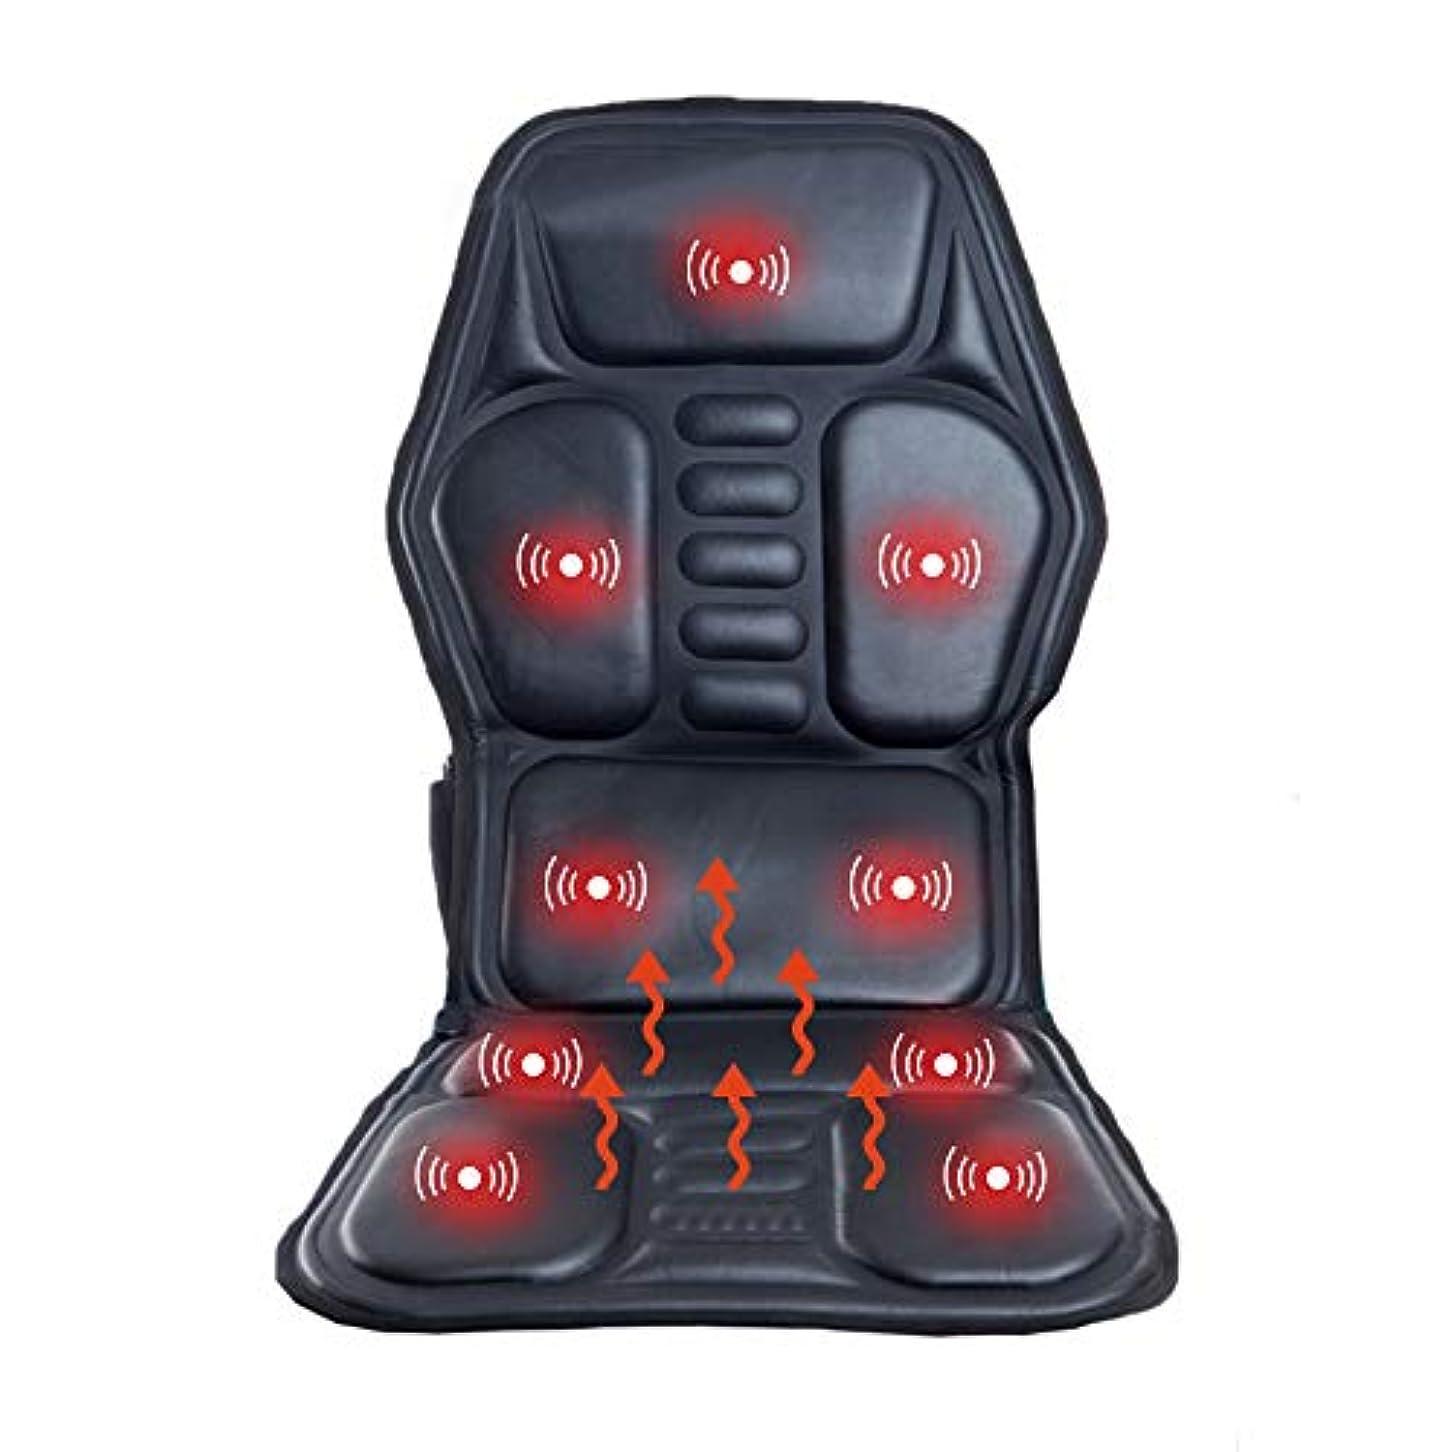 階八石化するカーシートバックマッサージャー 9モーター振動 ヒートチェアパッド 8つのモード 車のホームオフィスチェアのための